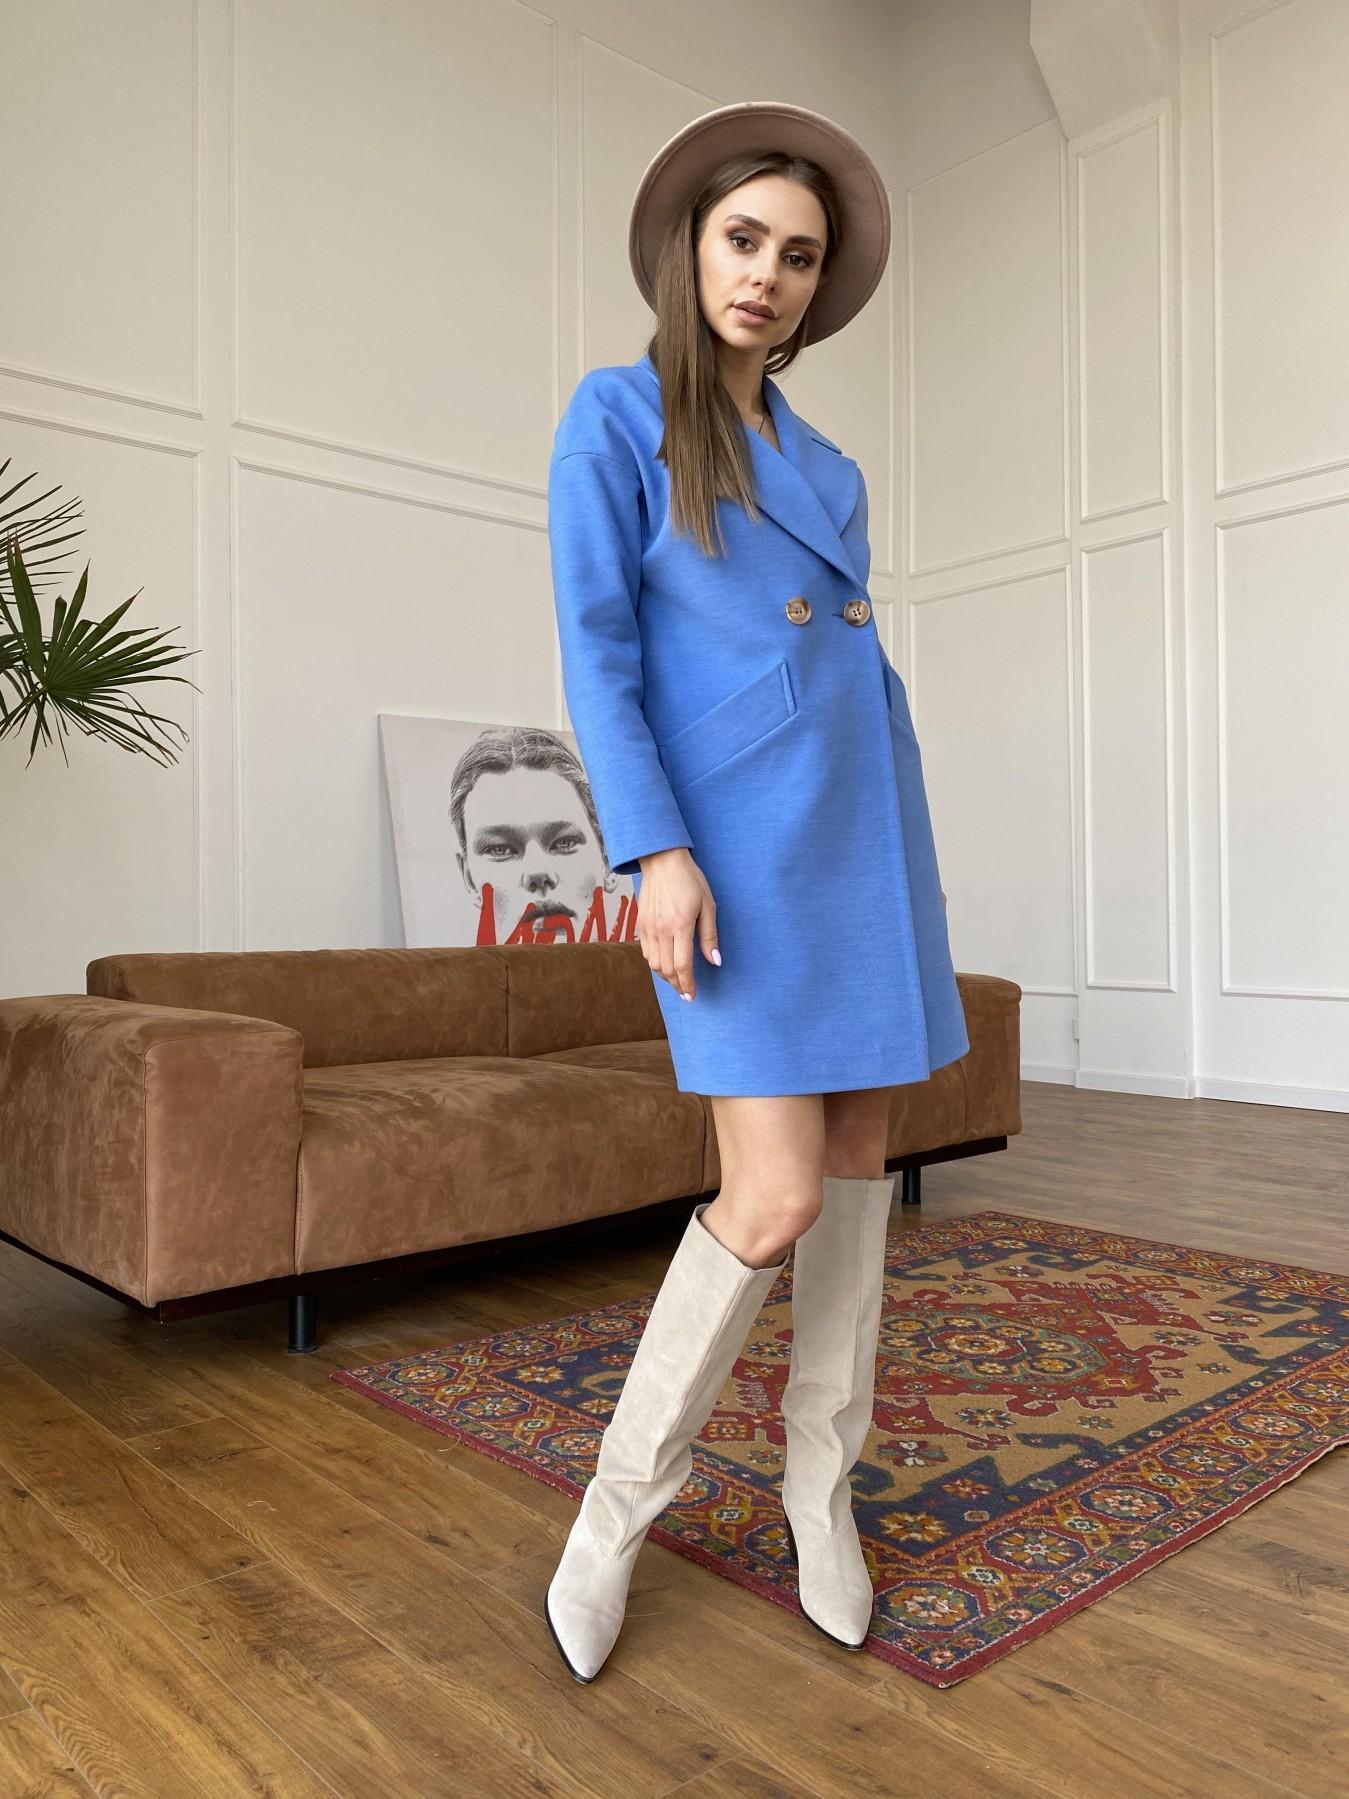 Сенсей пальто из кашемира 10572 АРТ. 47572 Цвет: Голубой - фото 3, интернет магазин tm-modus.ru